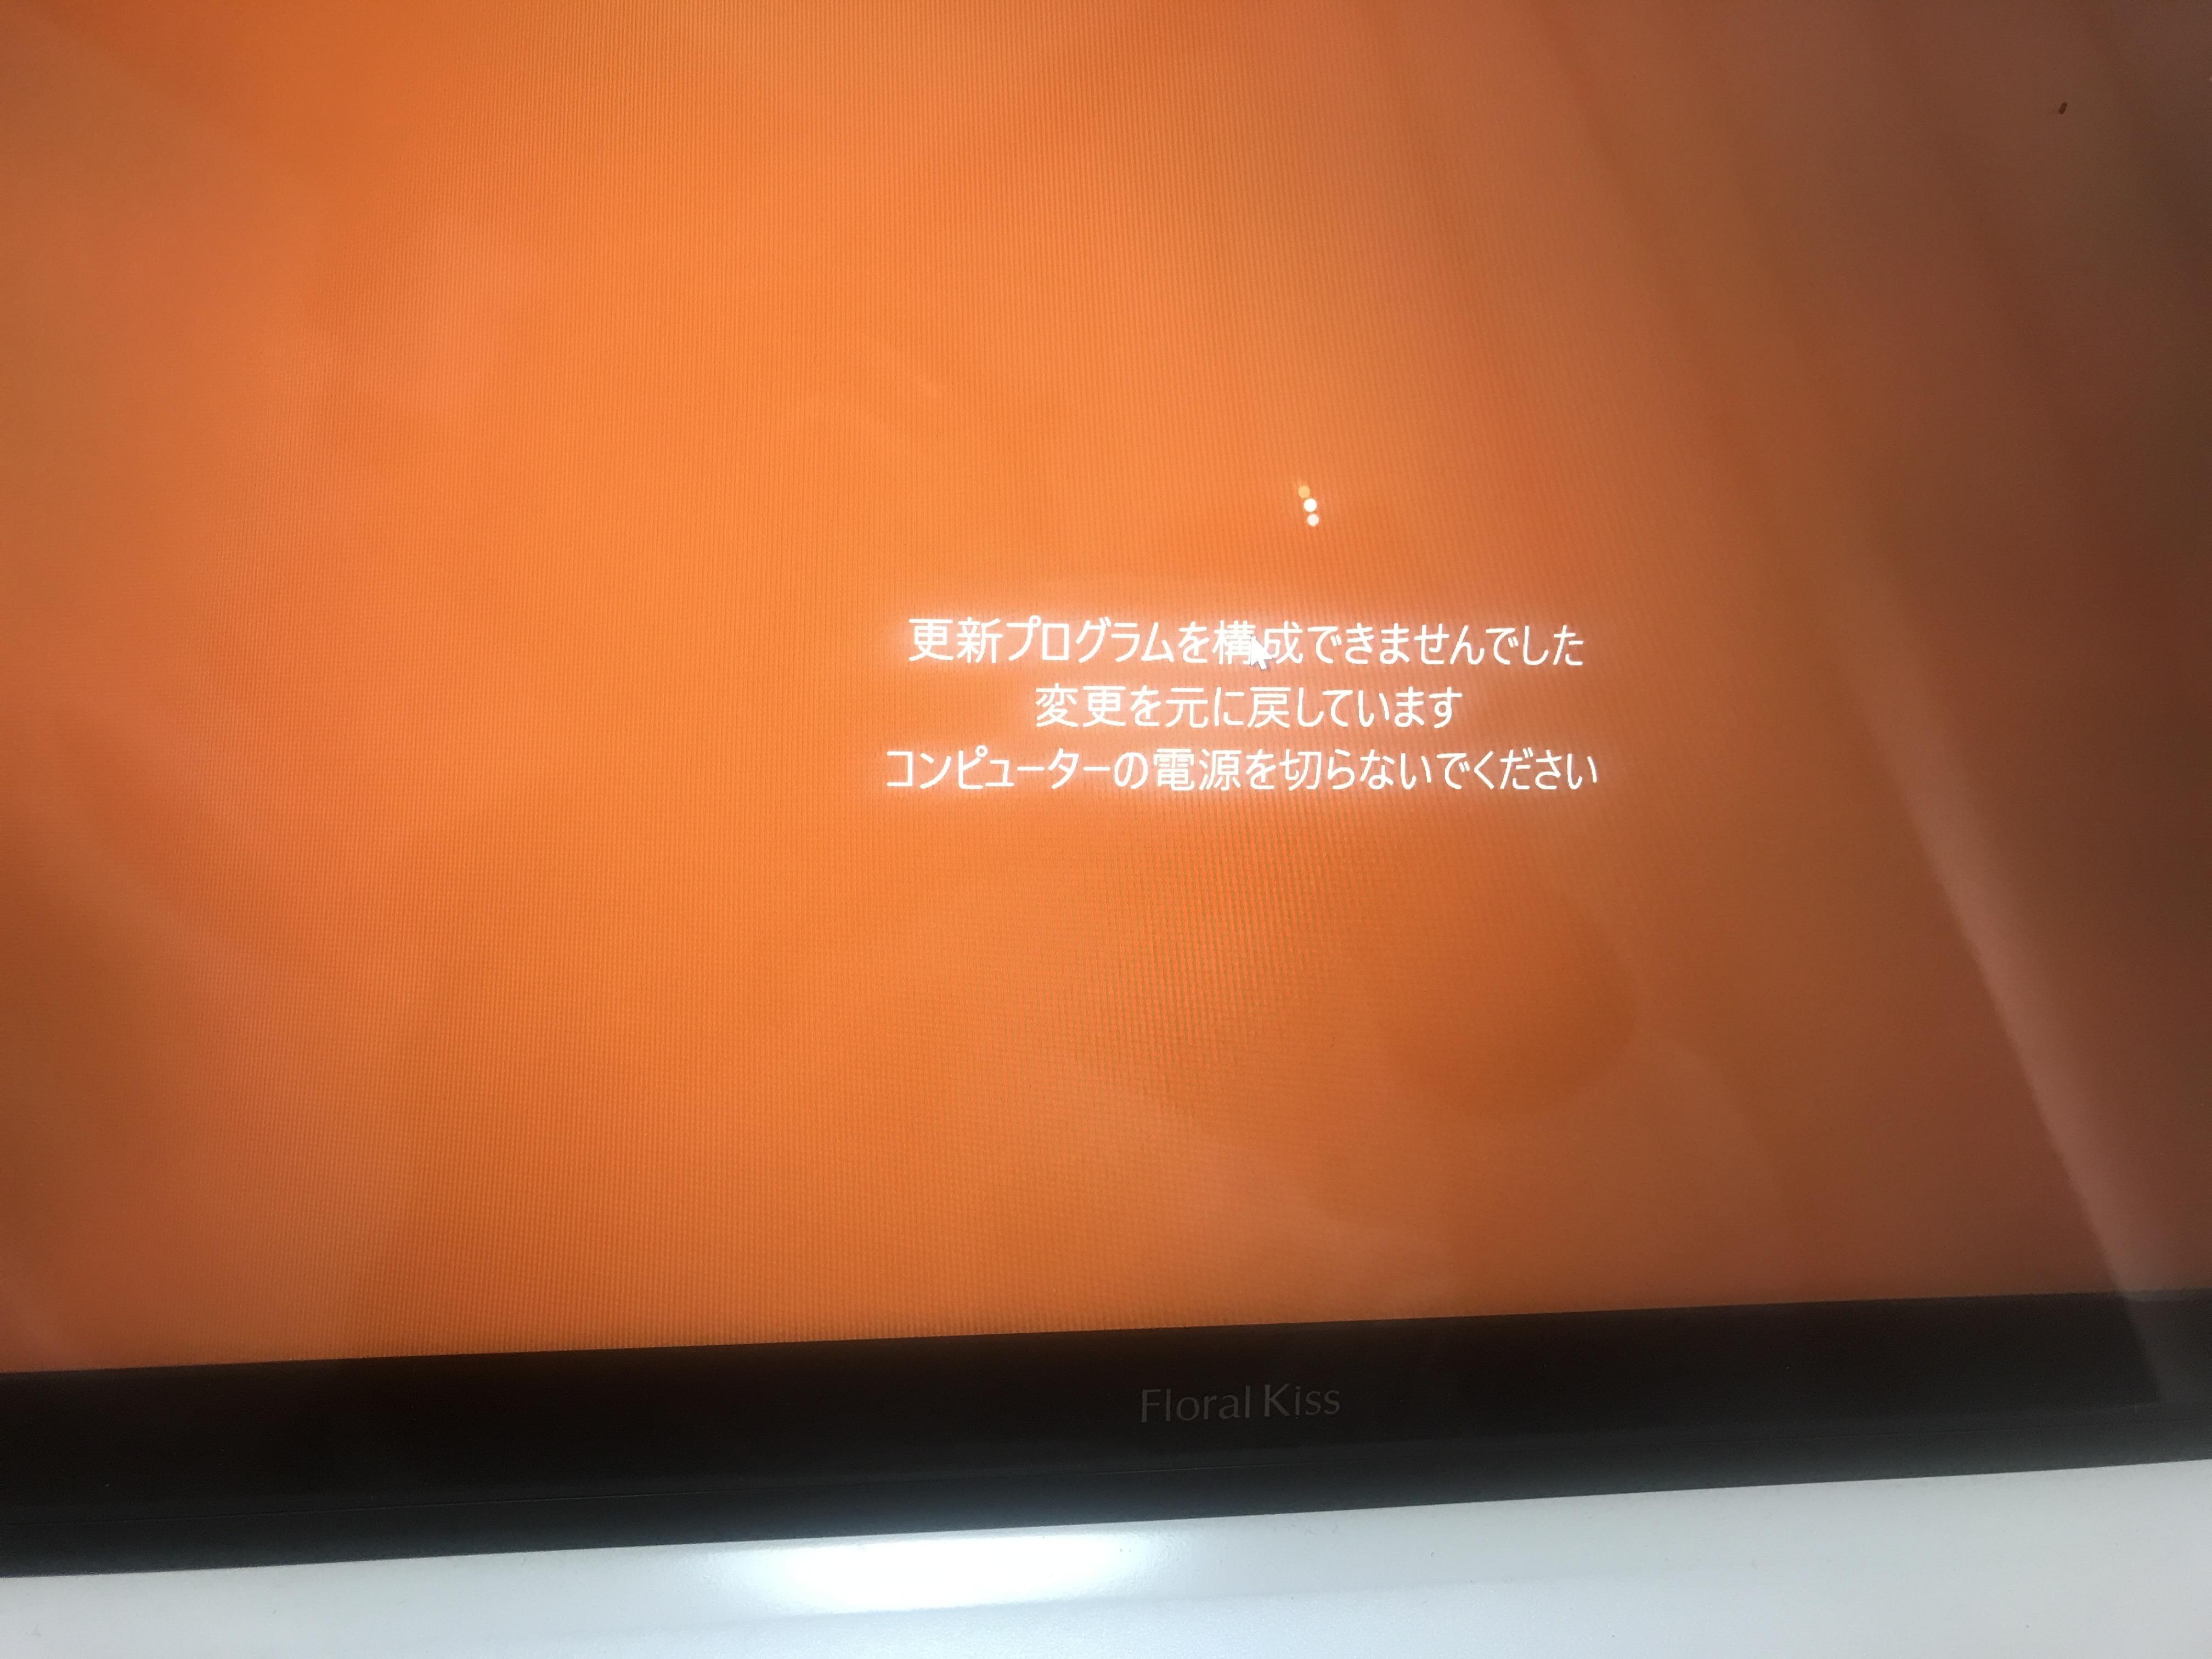 プログラム 進ま ます を ない 更新 し 構成 てい Windows10アップグレードで「更新プログラムを構成しています」から進まないので強制終了してみました!